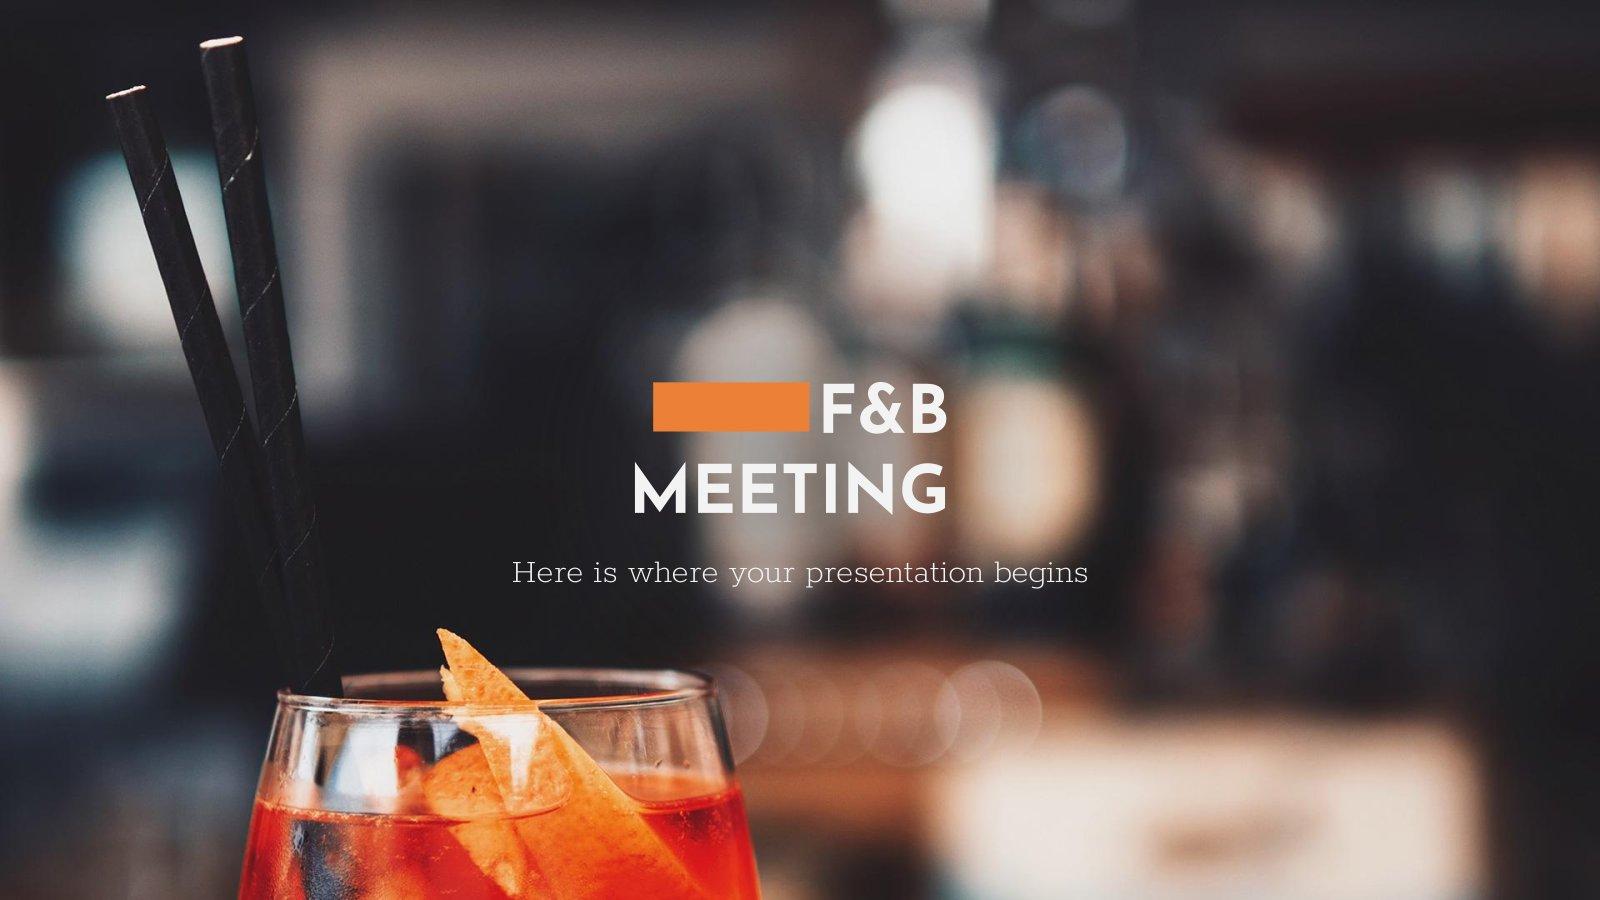 Speisen & Getränke Besprechung Präsentationsvorlage